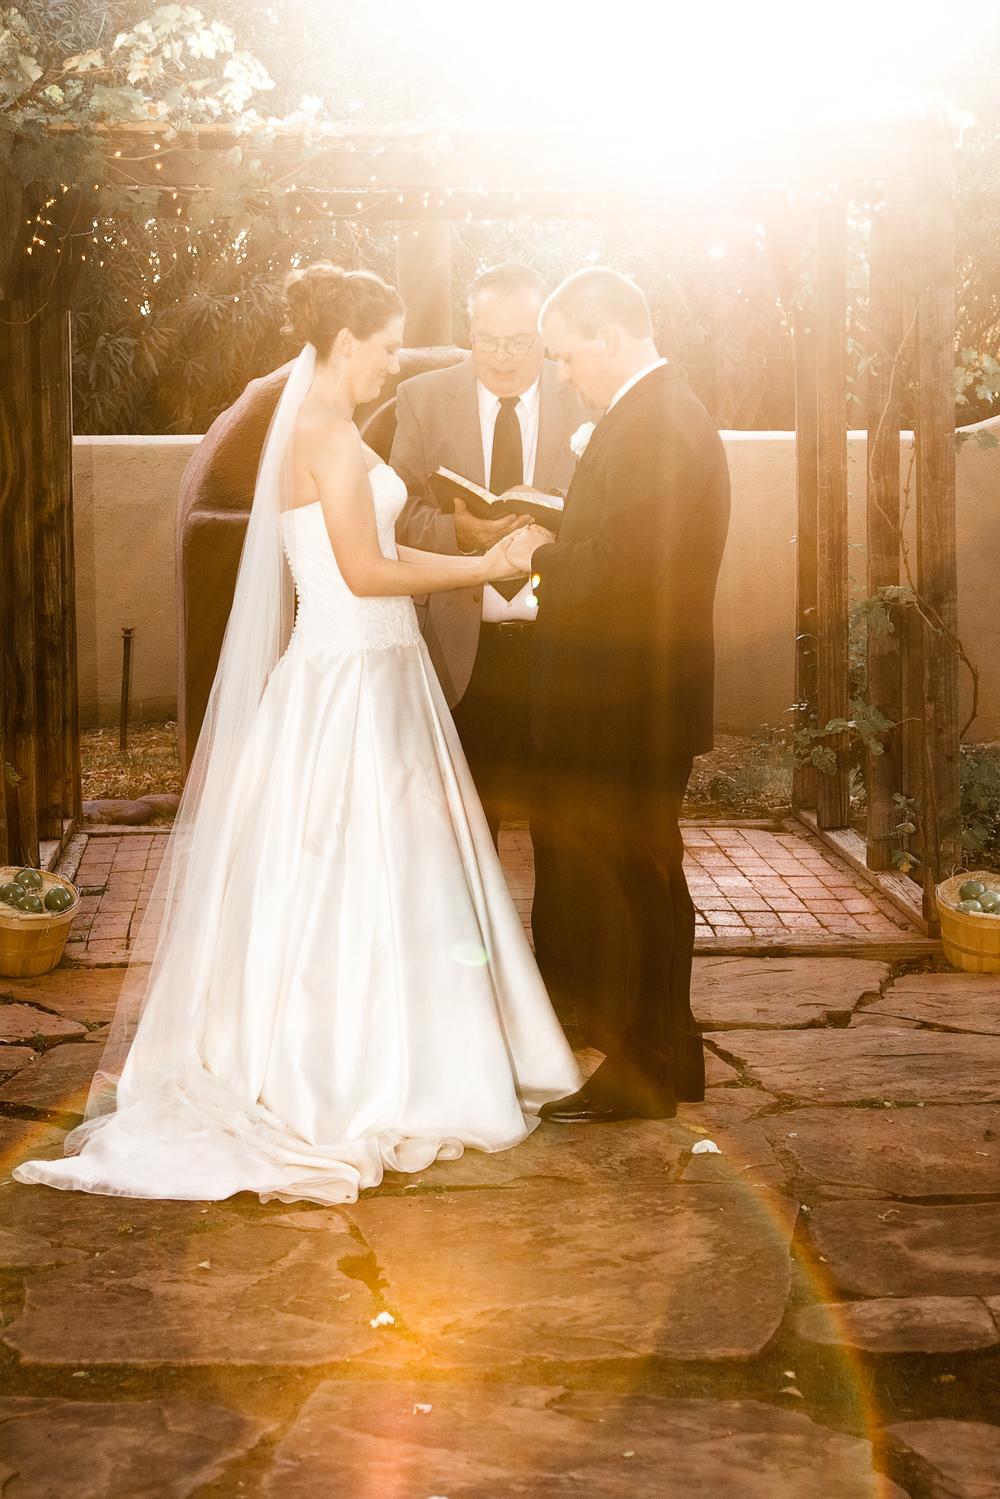 DavidOrrPhotography_Weddings_023.jpg